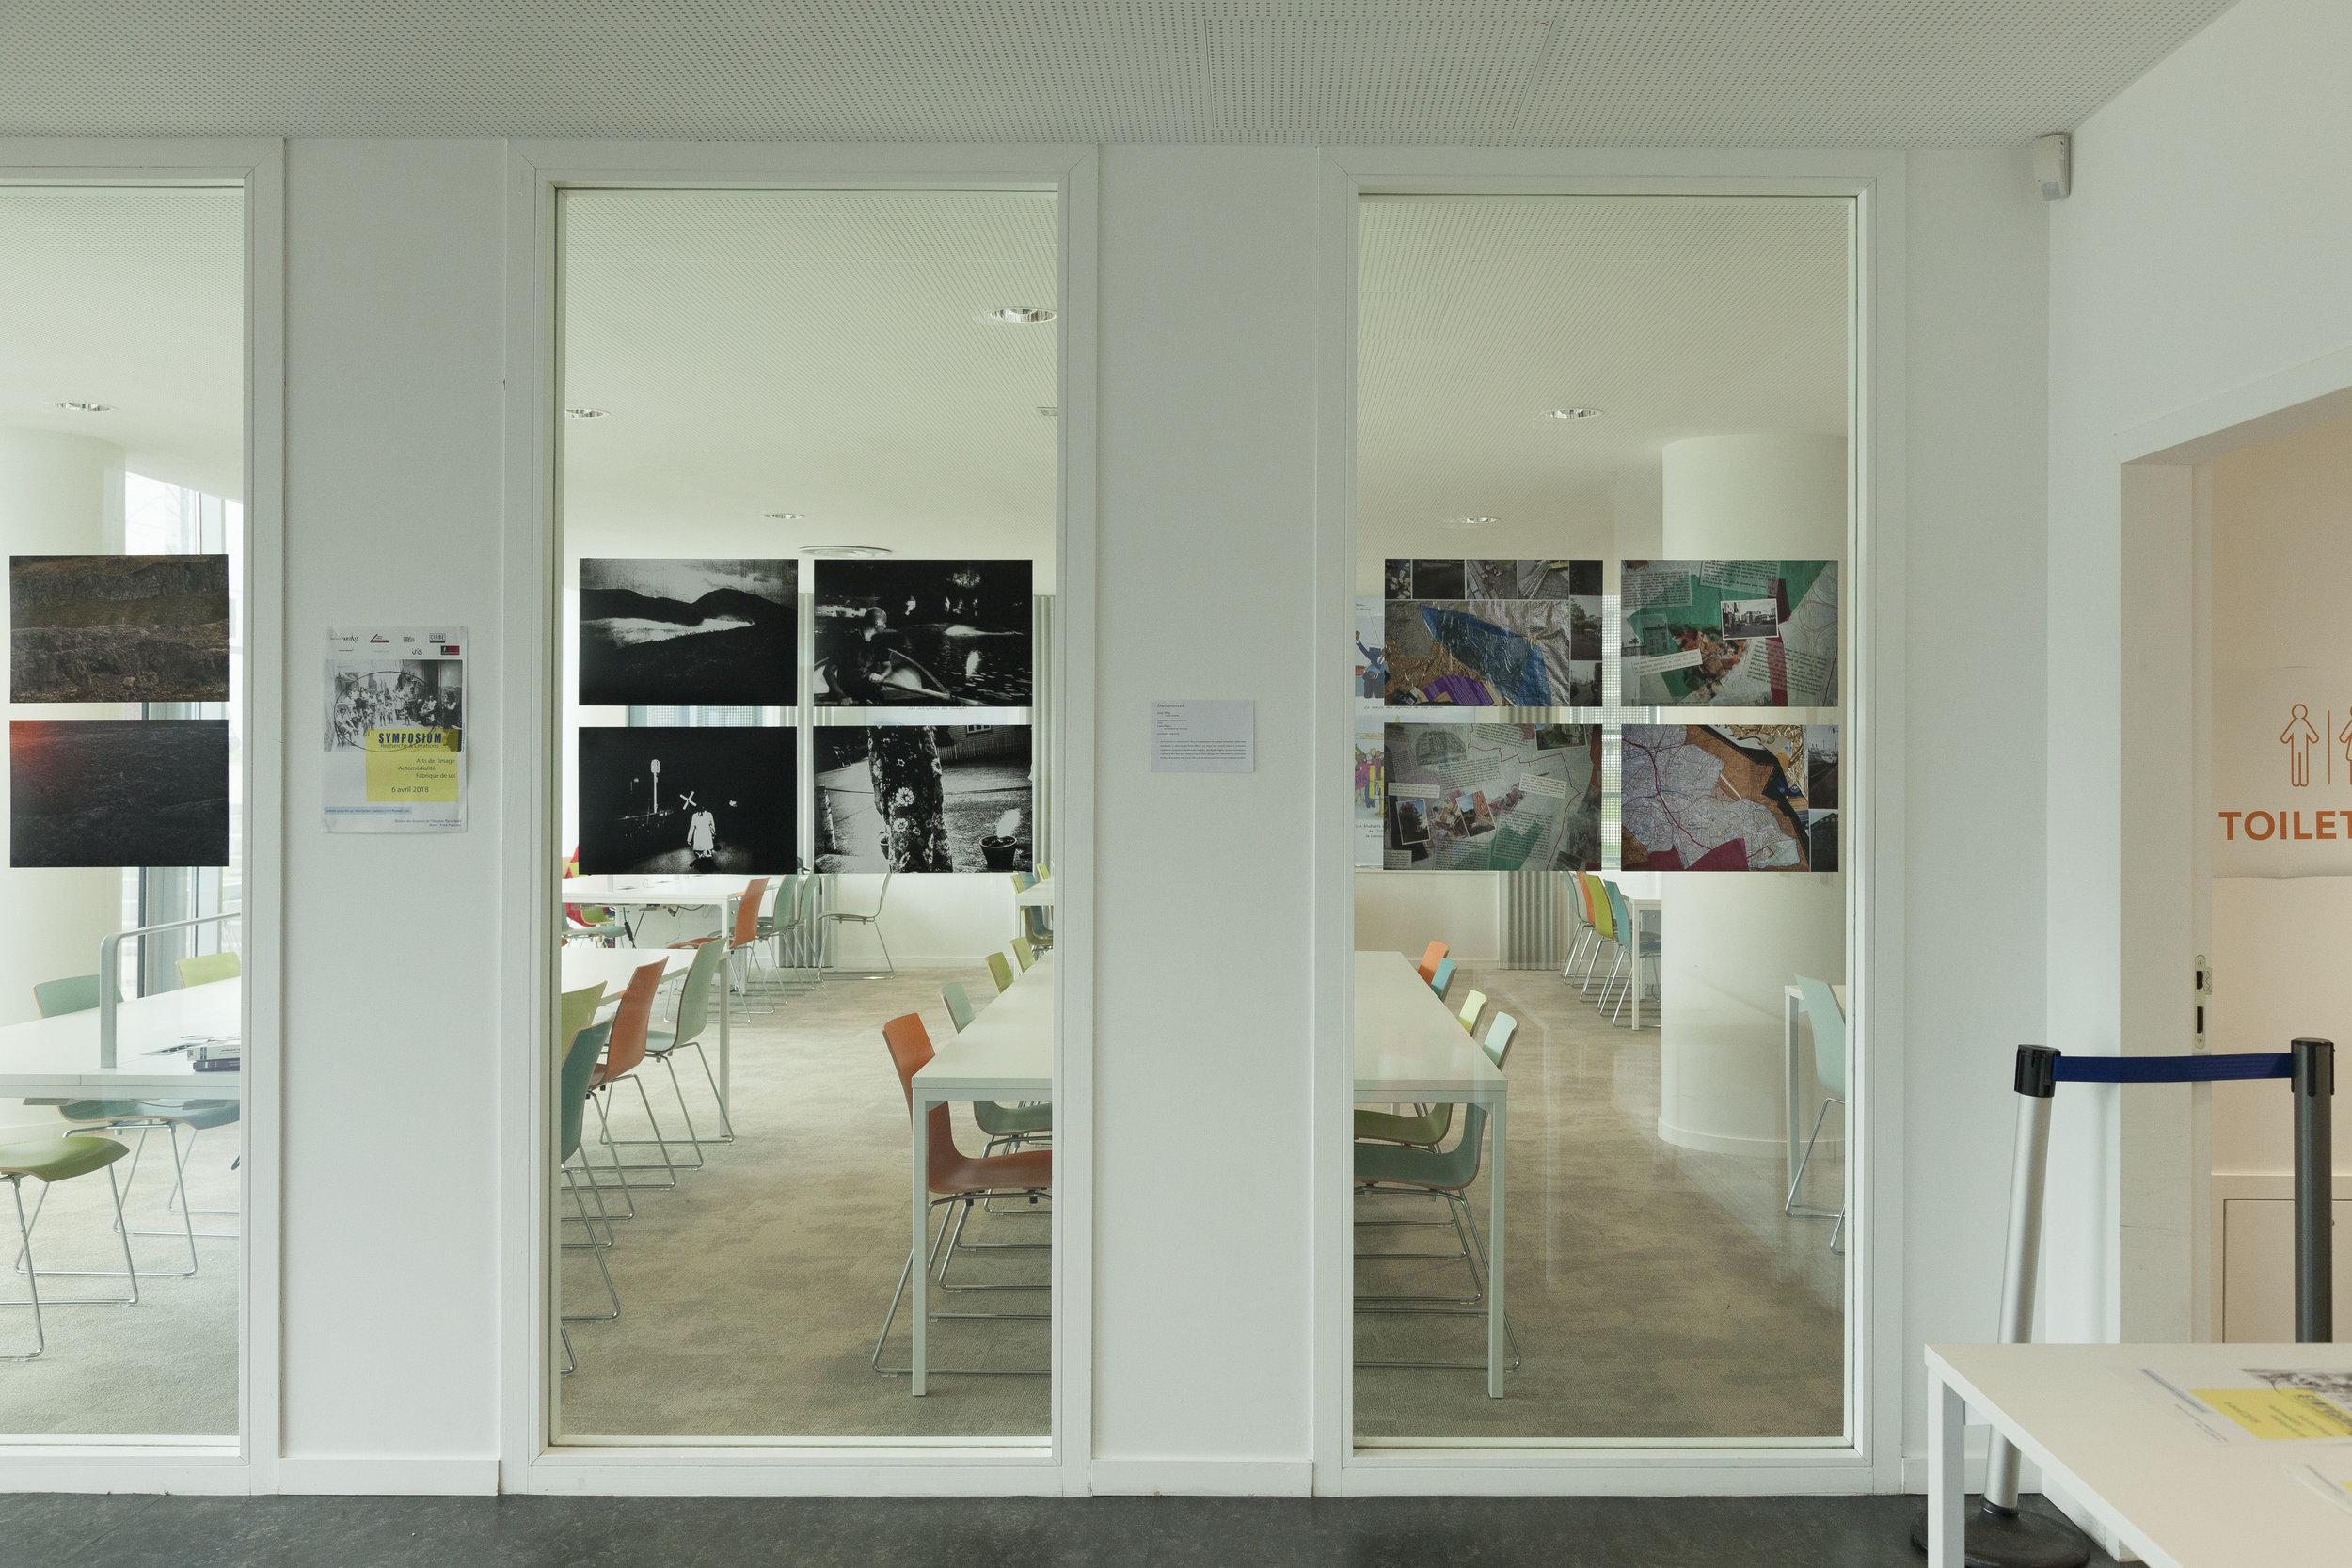 Exposition à la bibliothèque Paris 13, Villetaneuse.  Dans le cadre du CIRBE.  En collaboration avec Vanessa Buhrig, Christine Delors-Monberger, Florence Cardenti, Laure Pubert et Cécile Offroy.